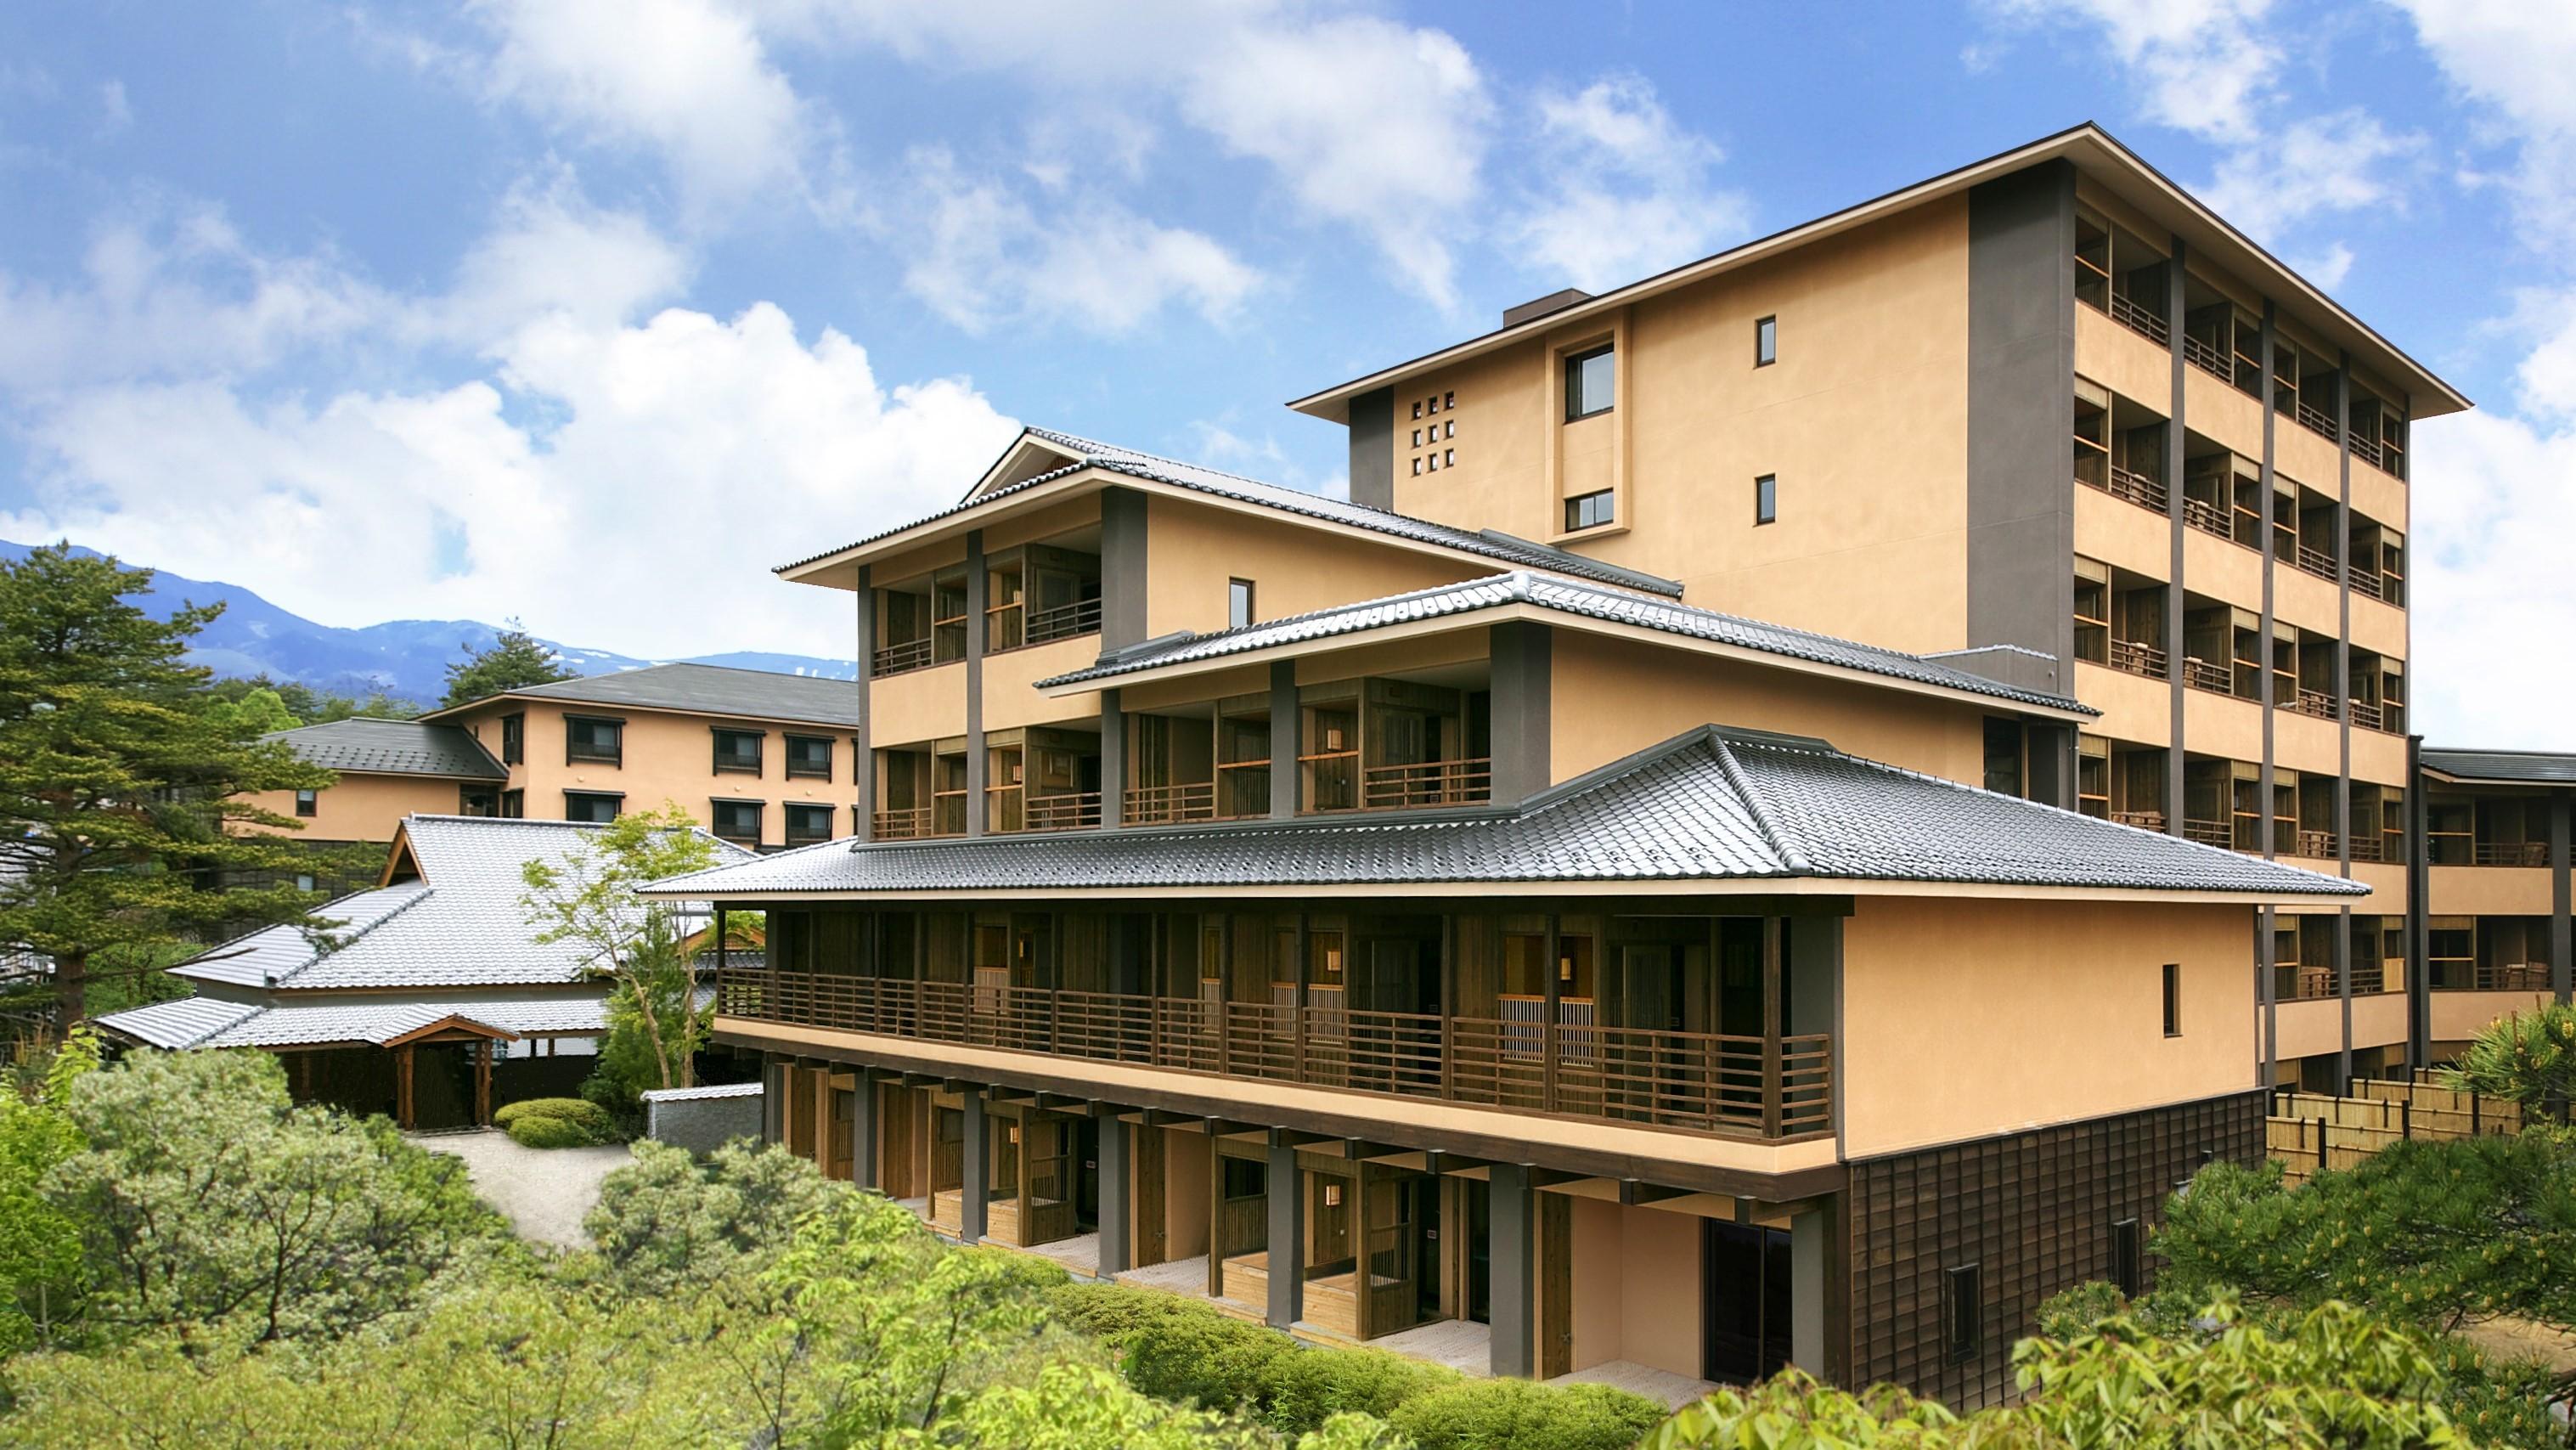 シニアでも行かれる草津温泉でバリアフリーの旅館は?